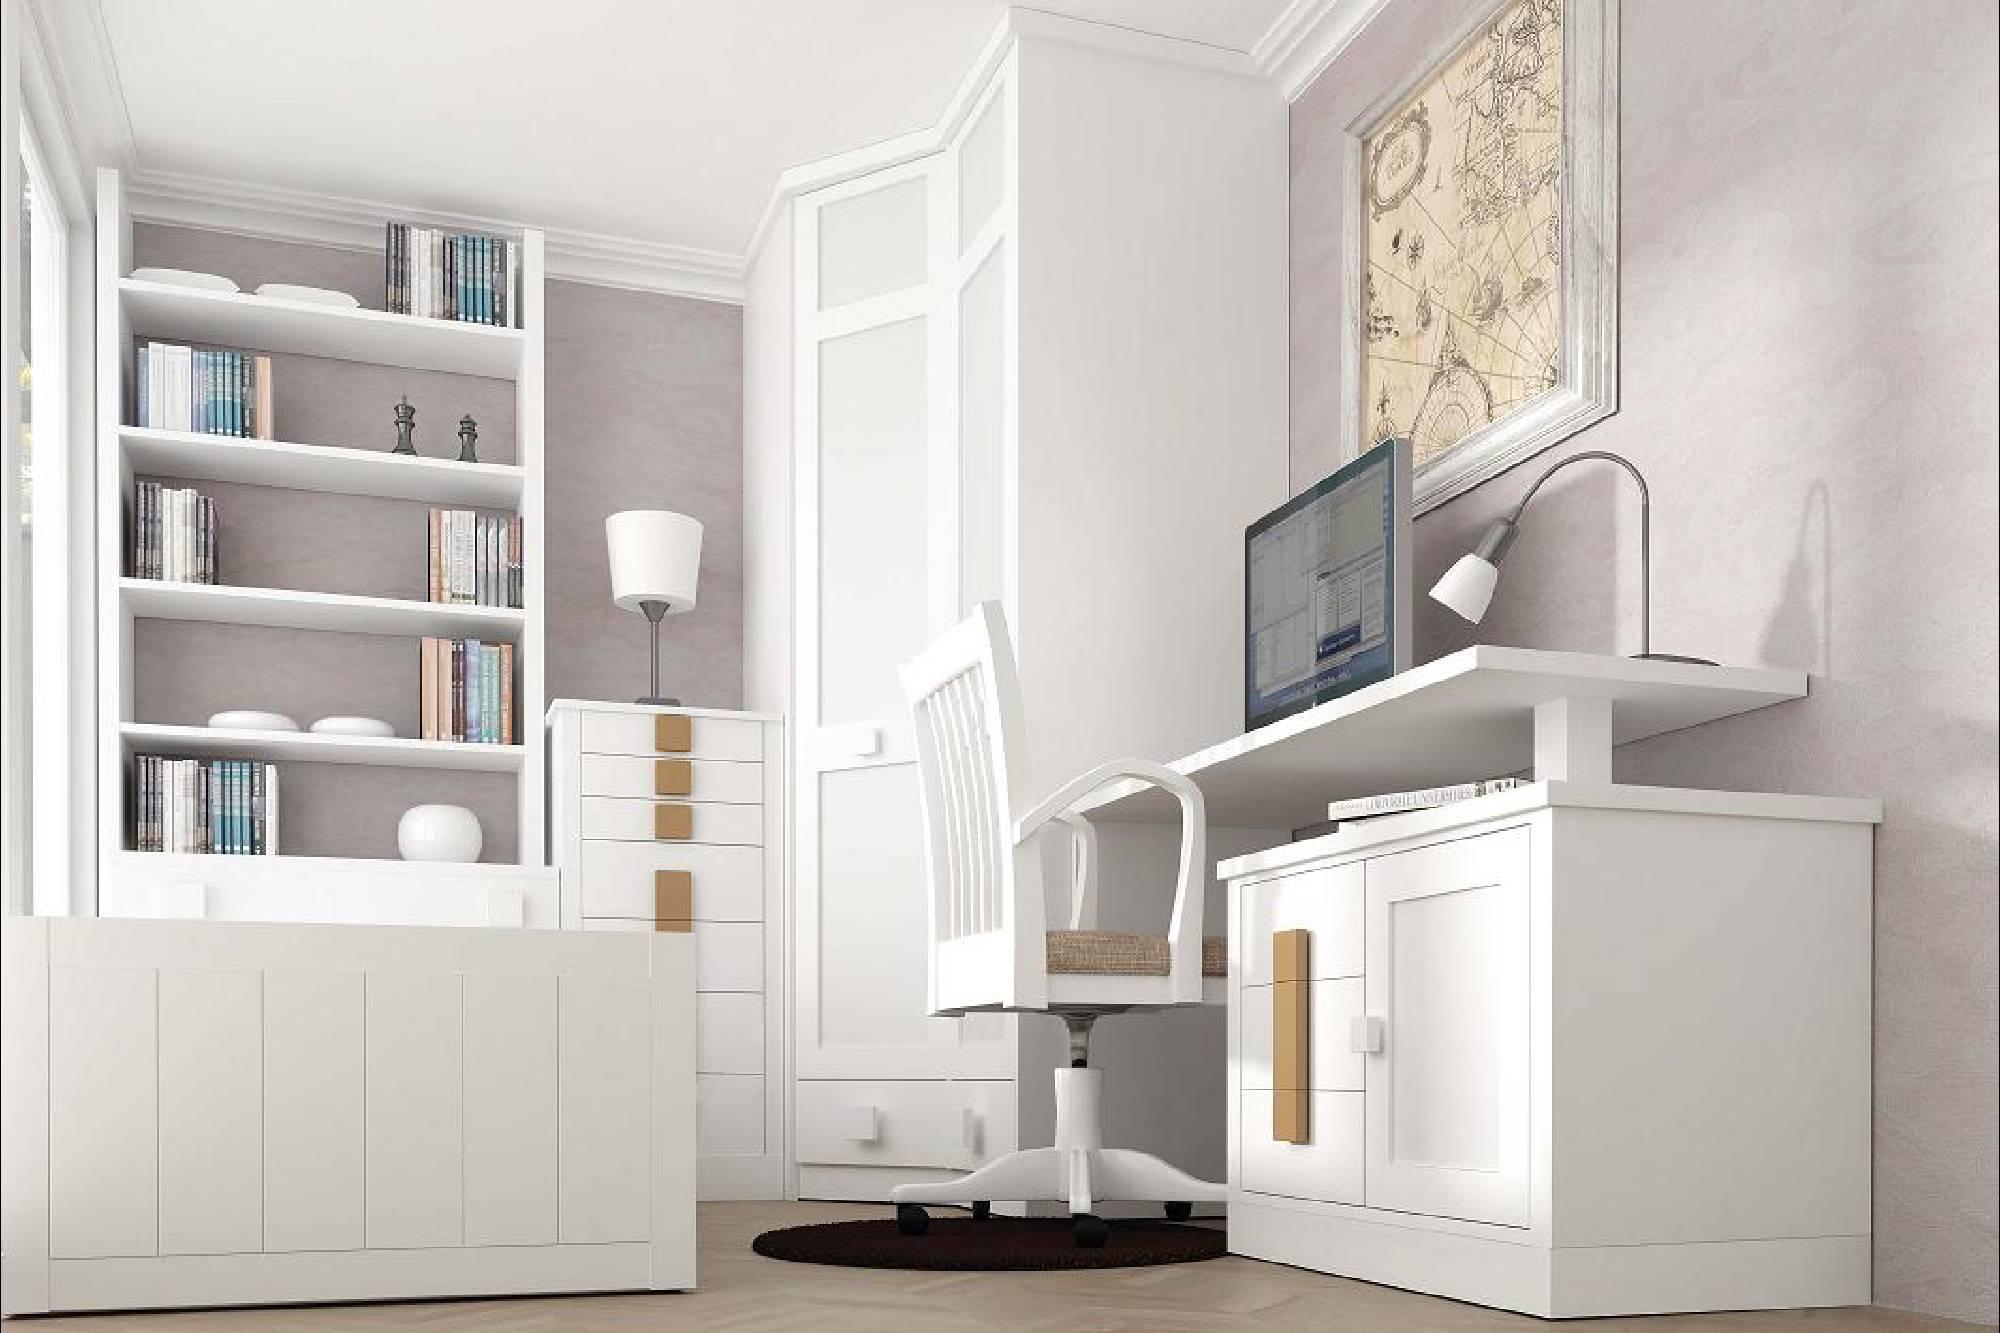 Imagenes dormitorios juveniles ms de ideas increbles - Fotos dormitorios juveniles ...